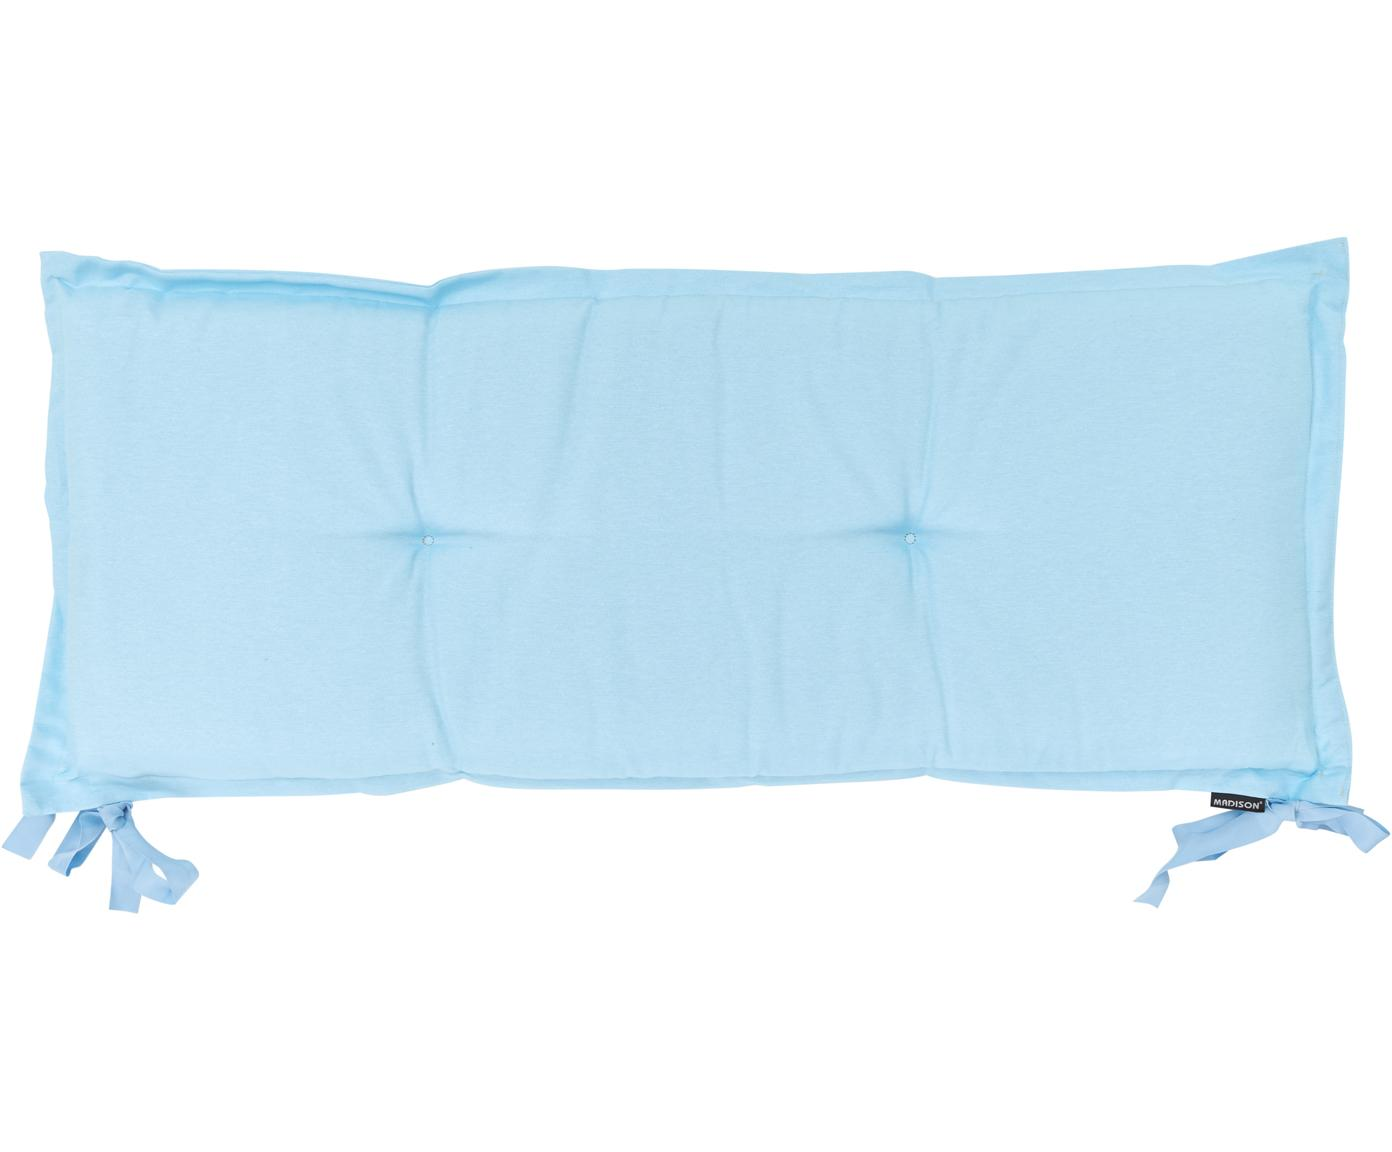 Bankkussen Panama, 50% katoen, 45% polyester, 5% andere vezels, Lichtblauw, 48 x 150 cm